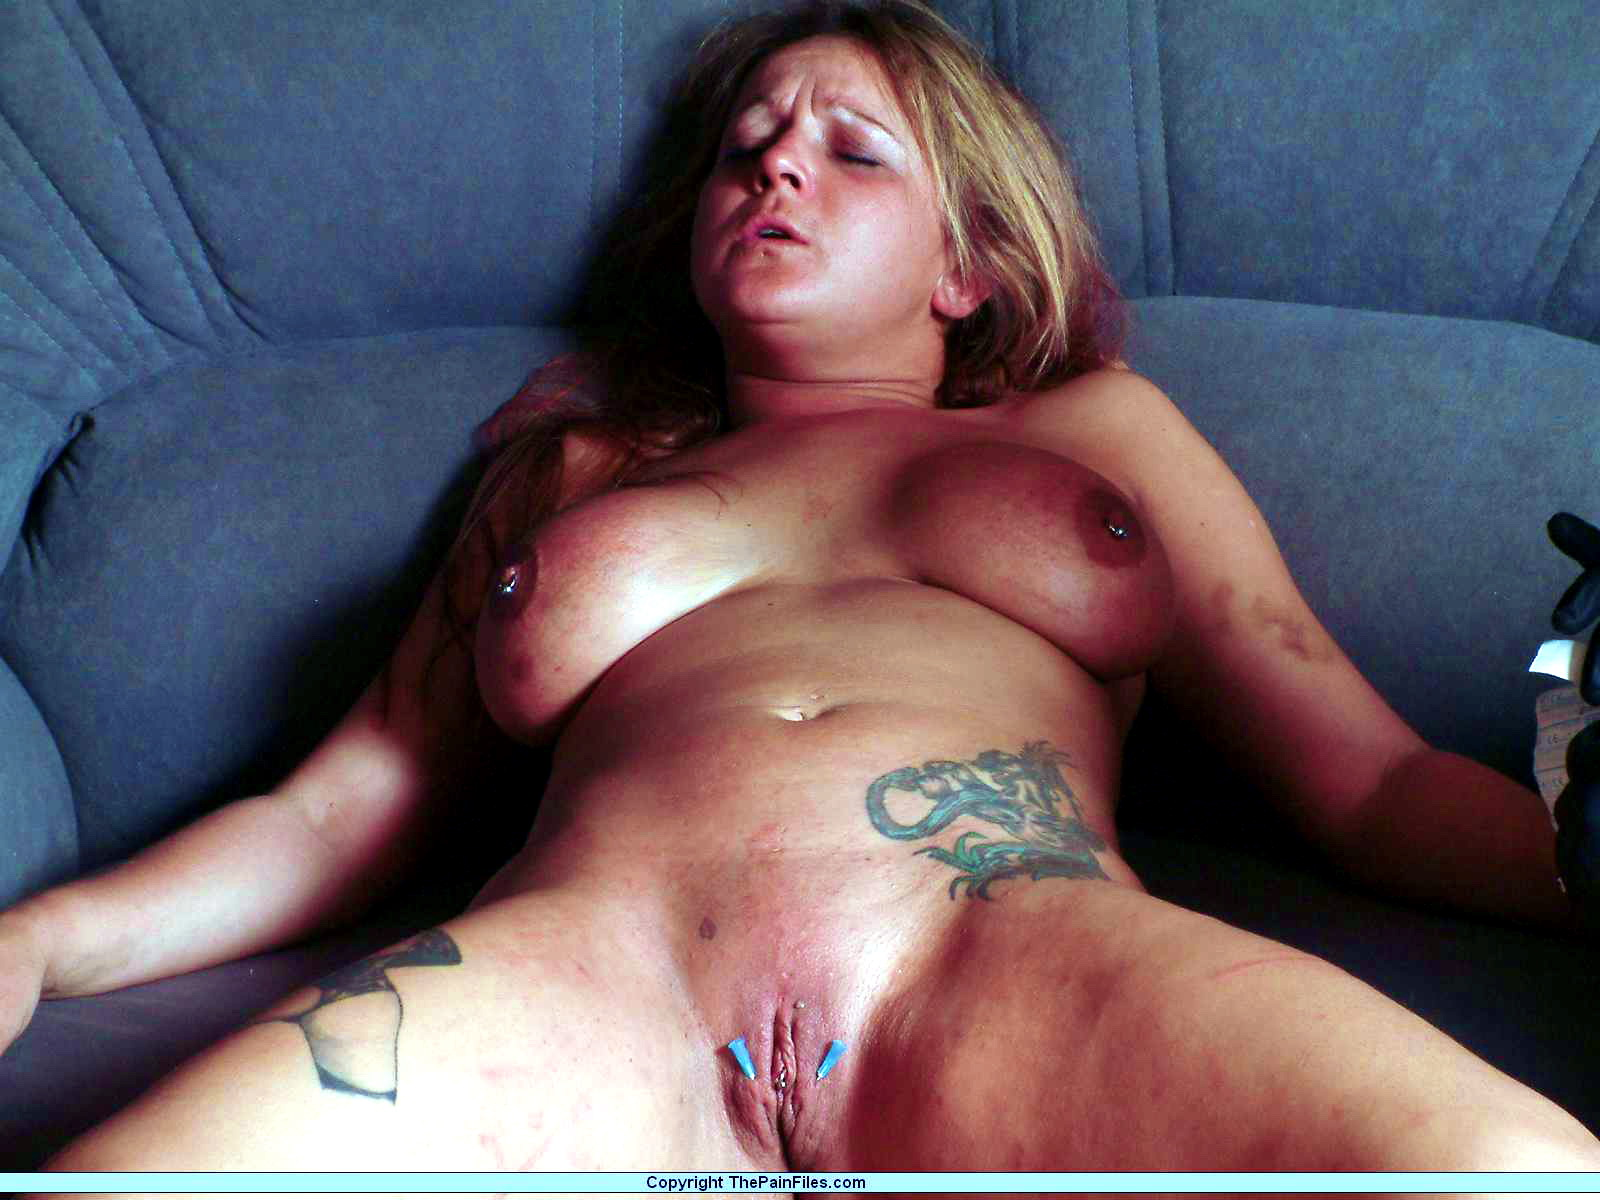 Экстремальные порно пытки смотреть онлайн 4 фотография